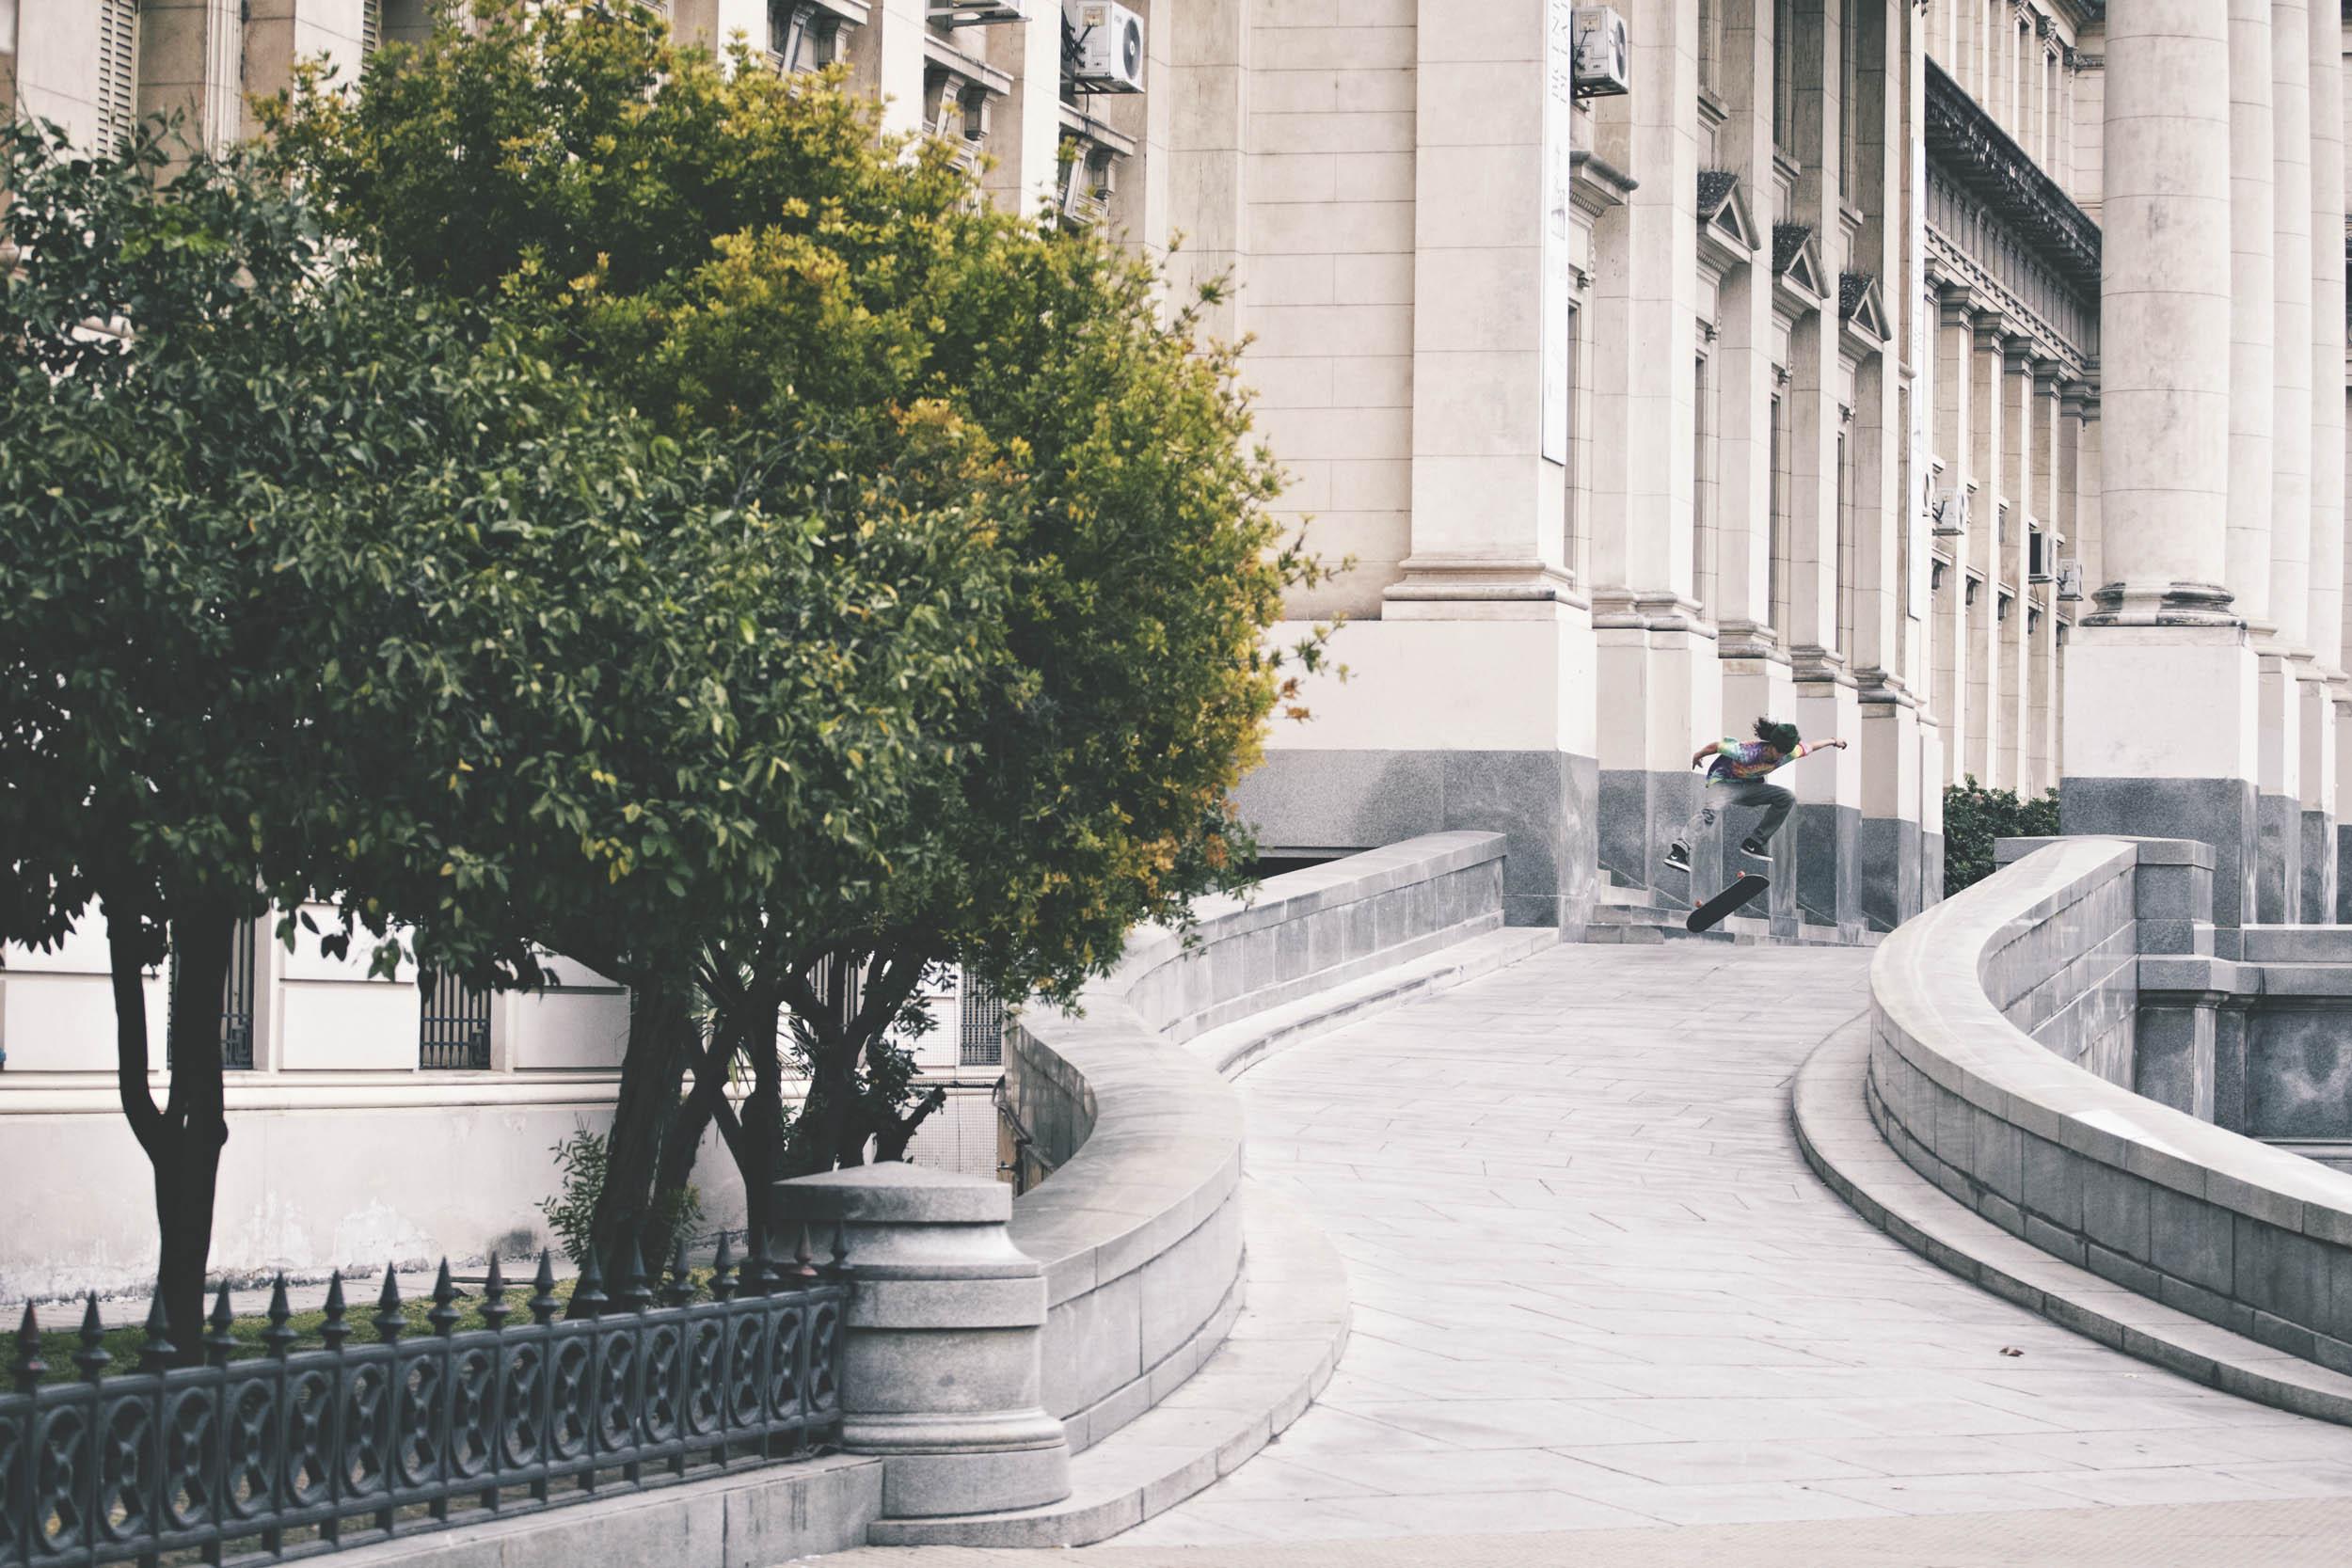 skate-martin-erd-photo-CN8K1194.jpg